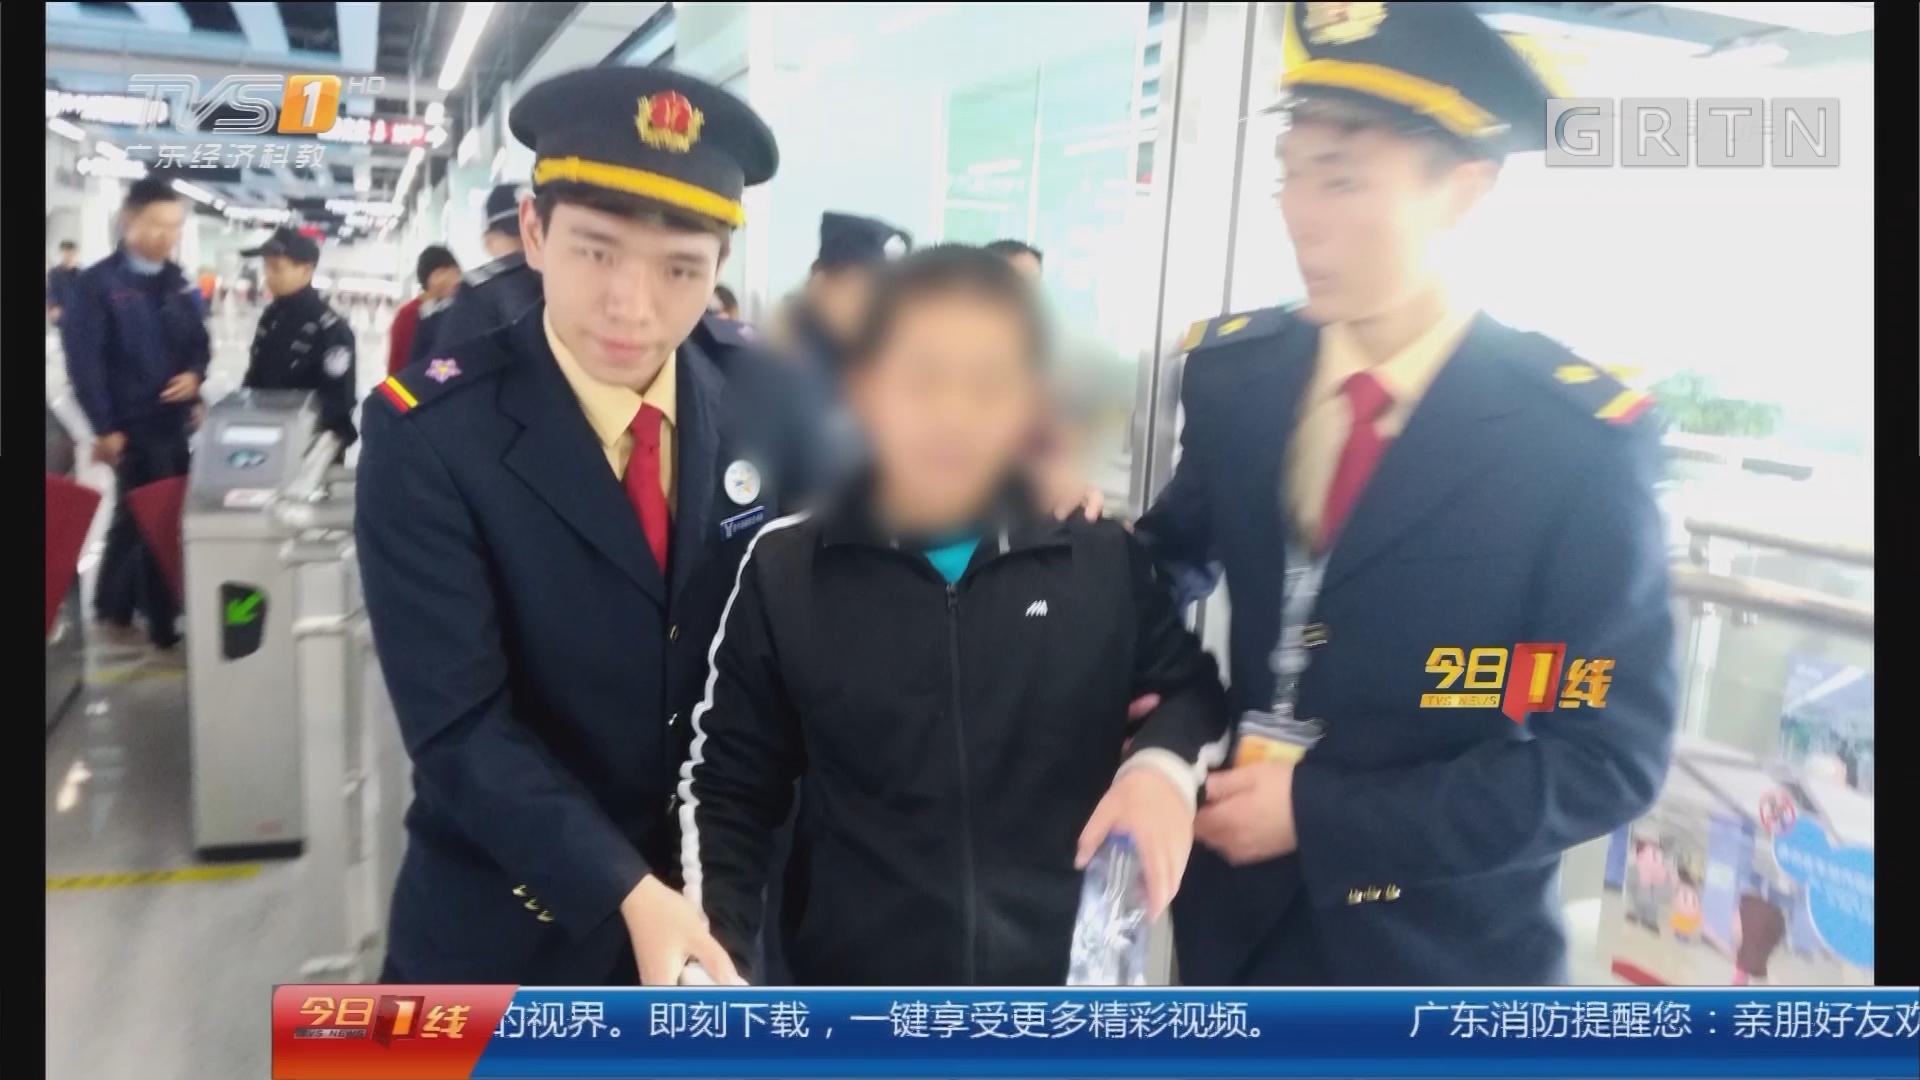 广州:男童站内一人独行 是流浪儿童吗?